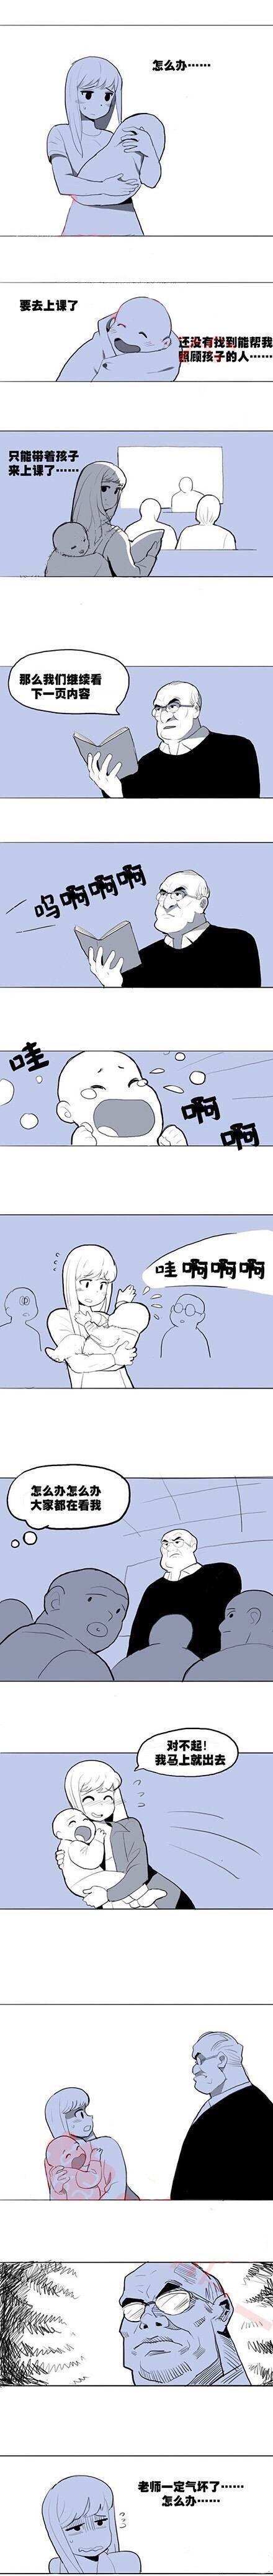 人性漫画 女大学生带娃上课,老师萌坏了